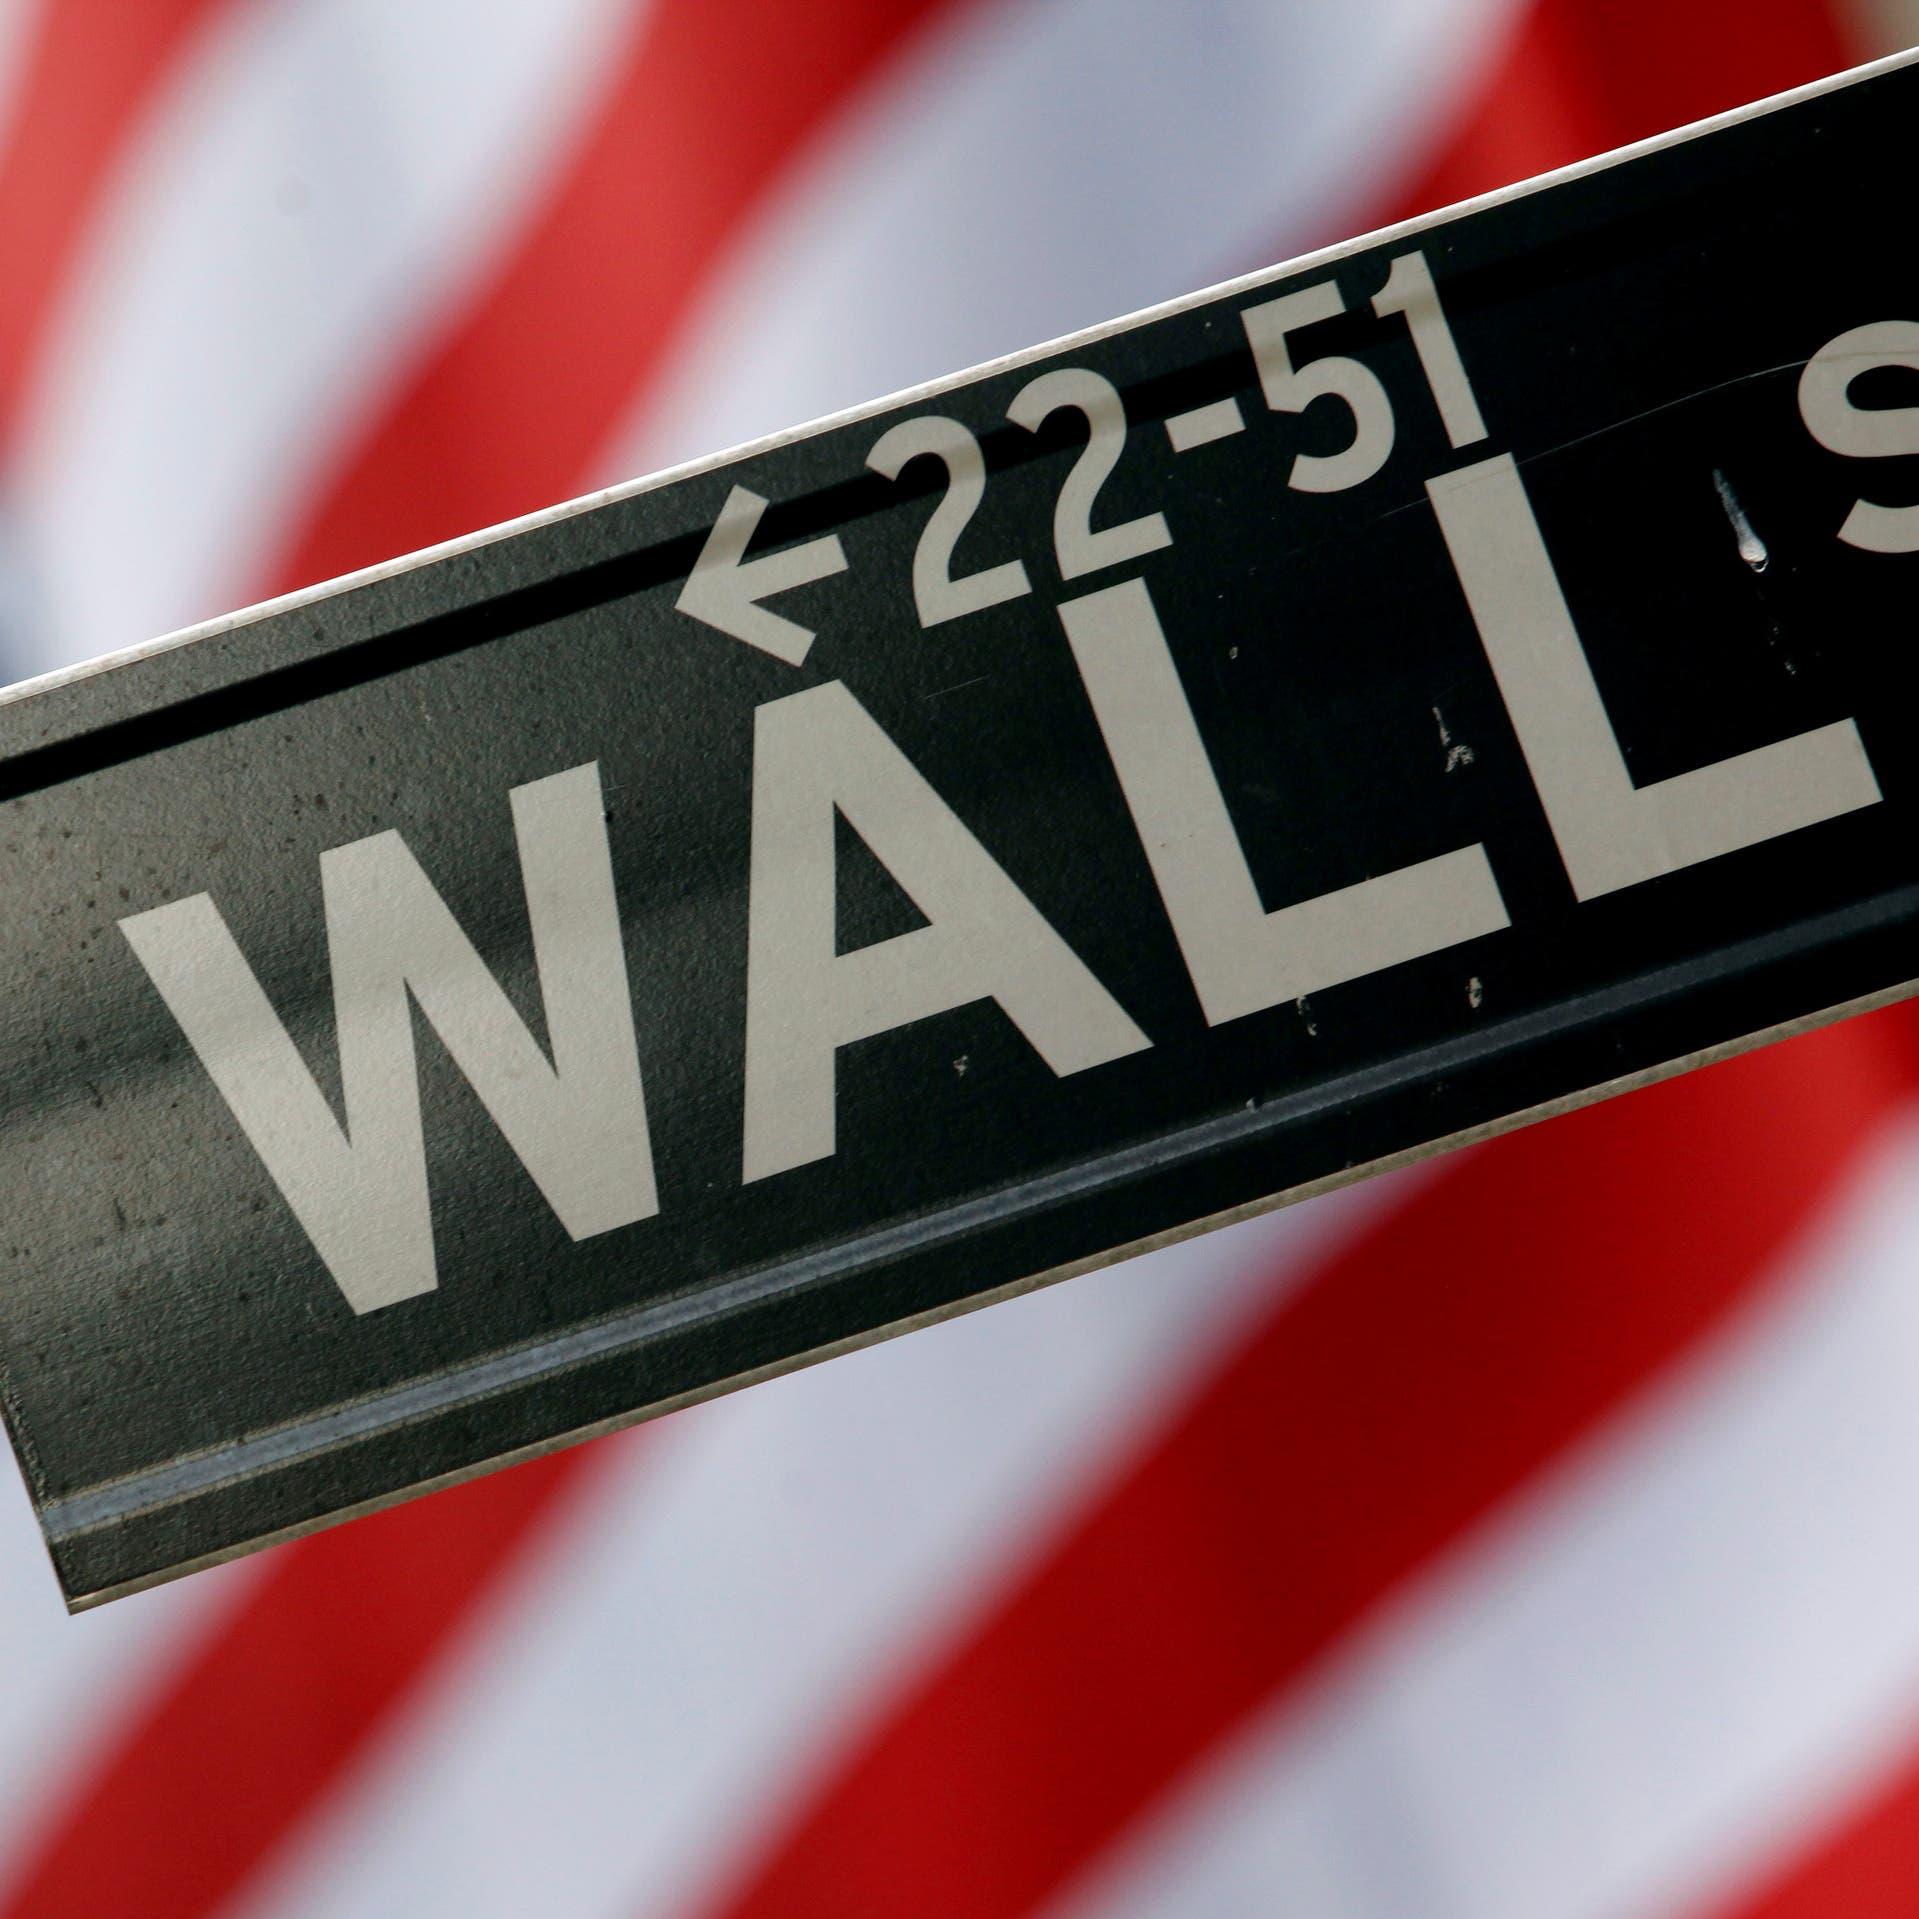 أسهم التكنولوجيا ترفع السوق الأميركية بعد خسائر 3 أيام